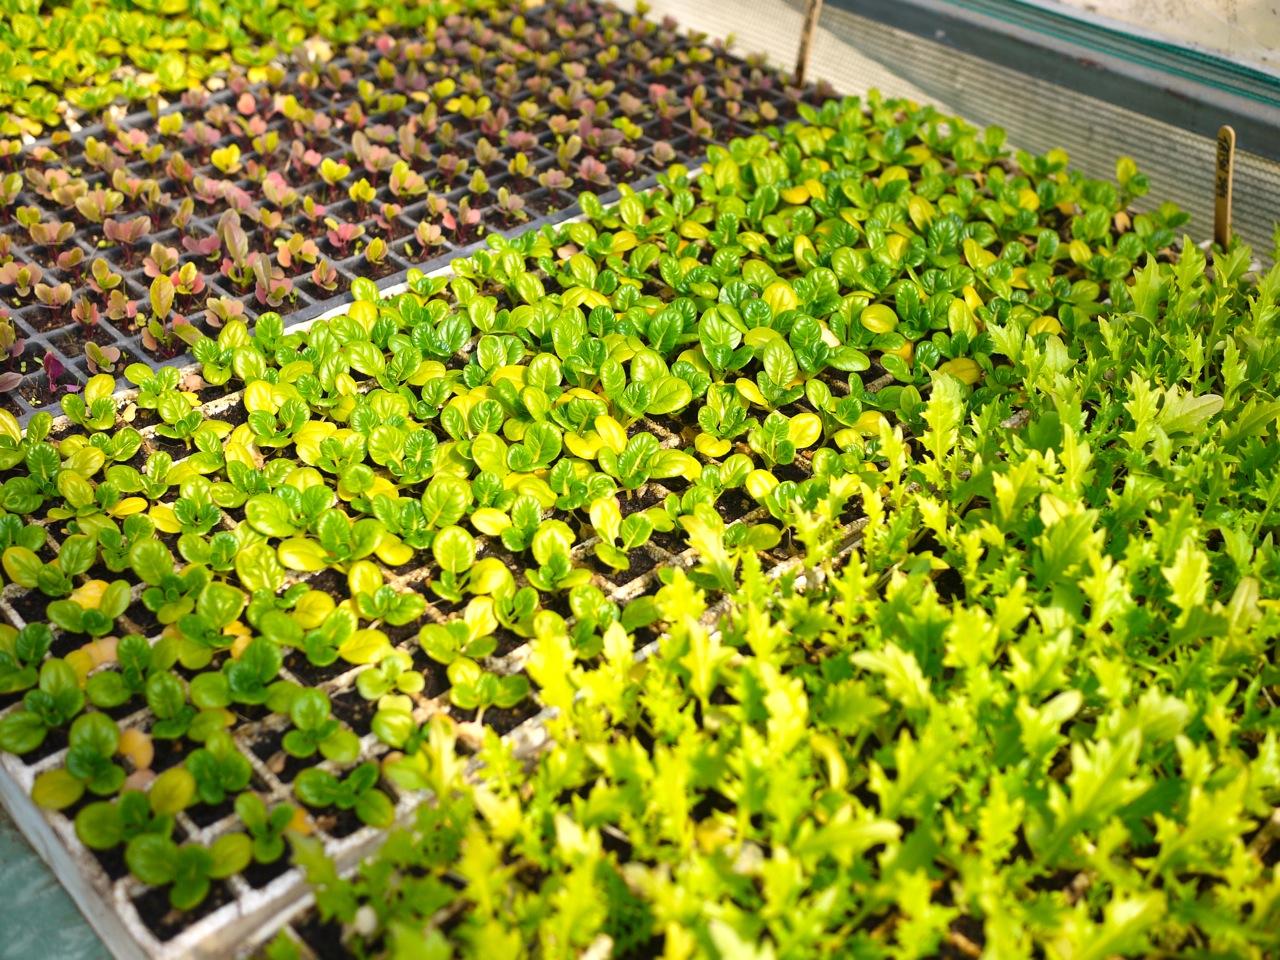 1309 seedlings - 6